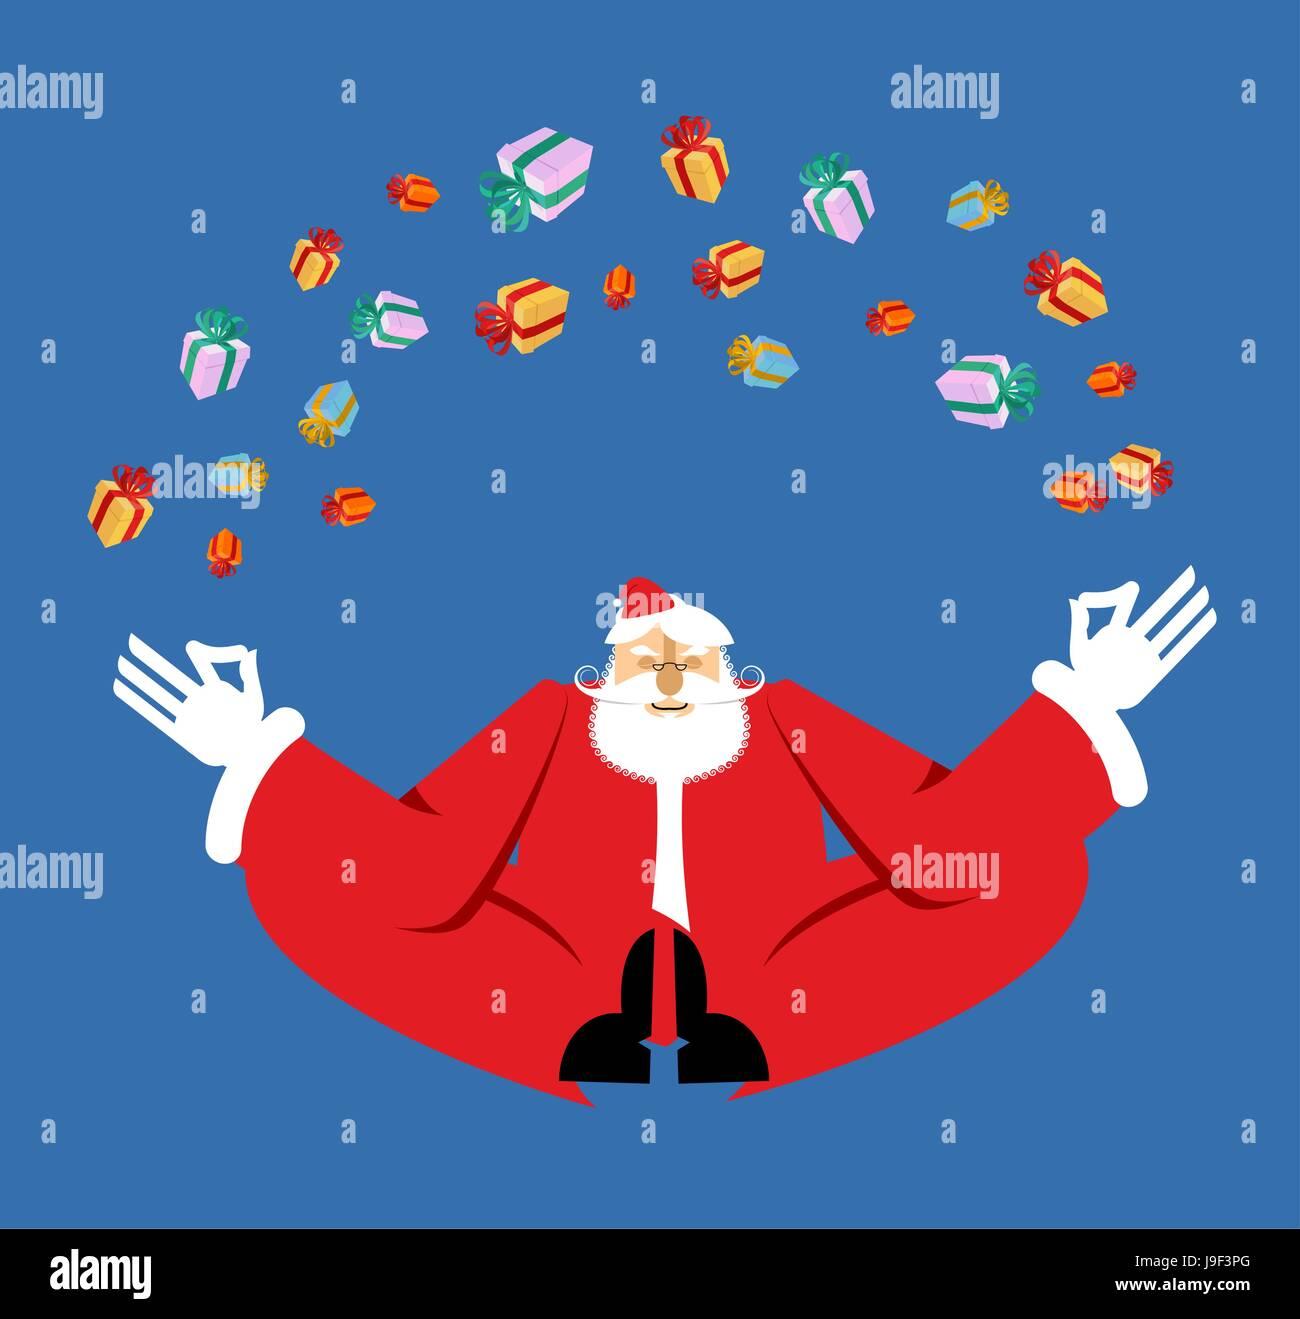 Immagini Natale Zen.Santa Claus Yogi Di Meditazione E Di Doni Il Natale Di Yoga Anno Nuovo Zen Nonno In Posizione Del Loto Xmas Illuminismo E Relax Immagine E Vettoriale Alamy